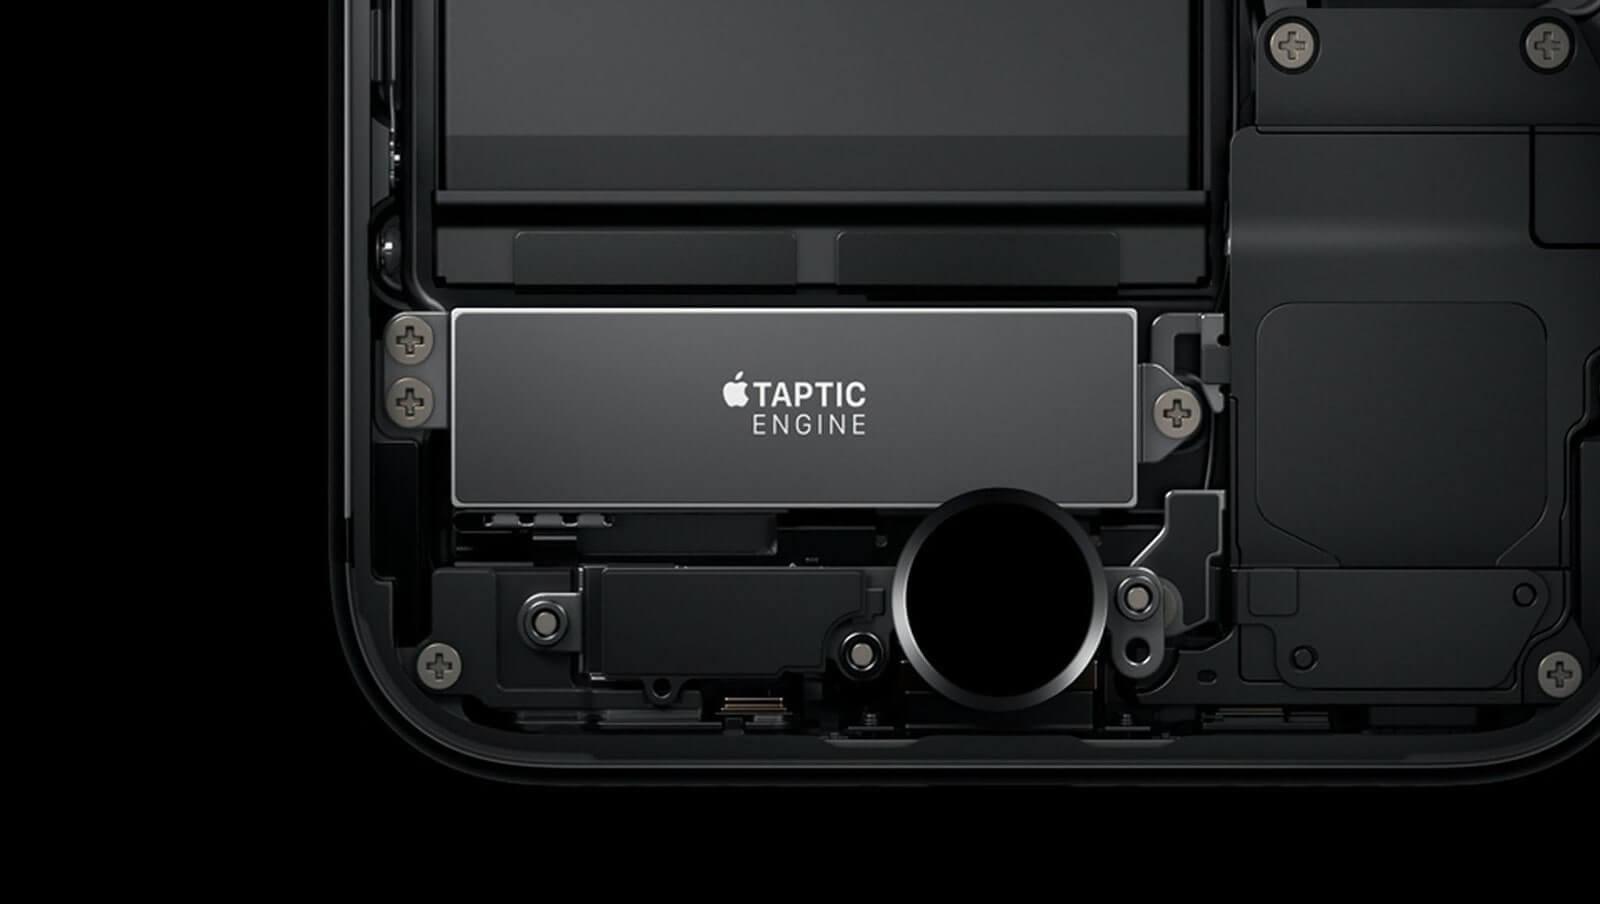 dđánh giá iphone 7